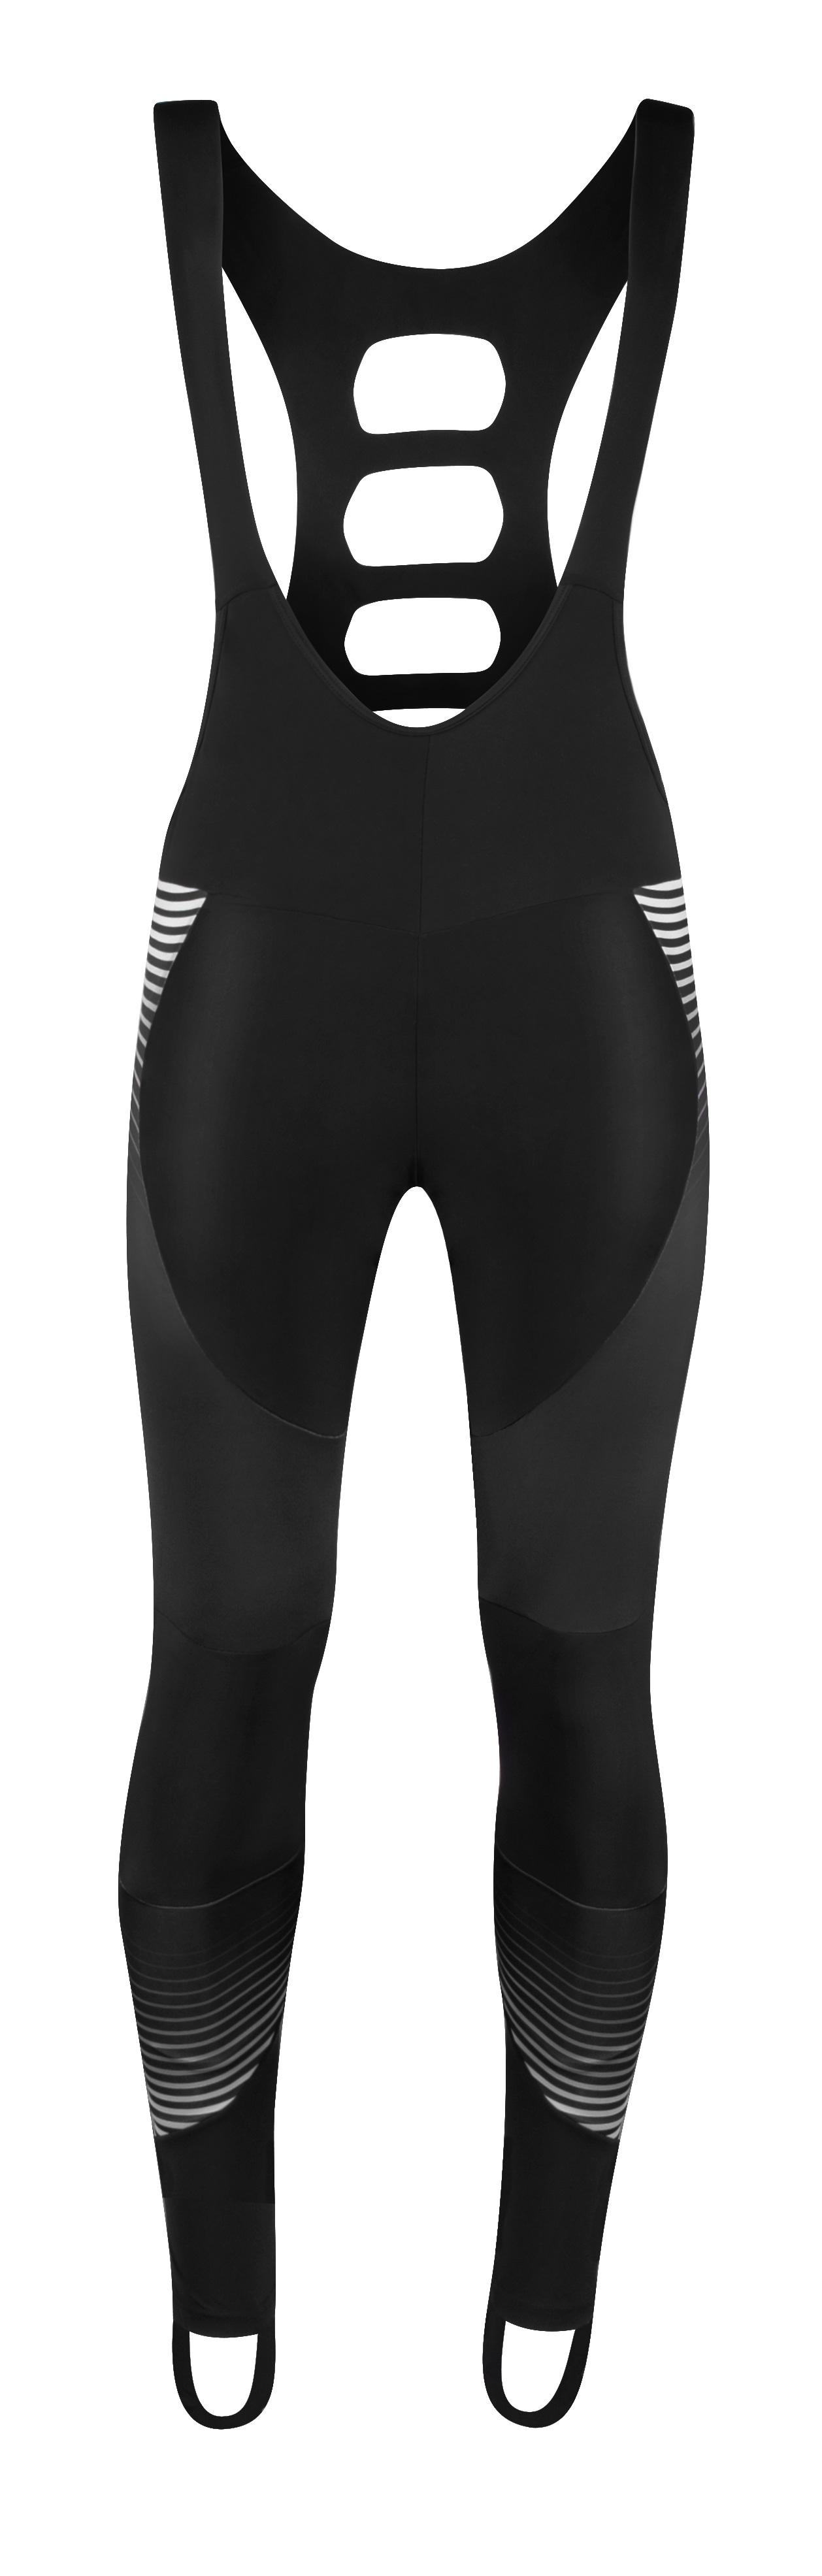 kalhoty FORCE DRIFT WIND se šráky bez vložky,černé XXL